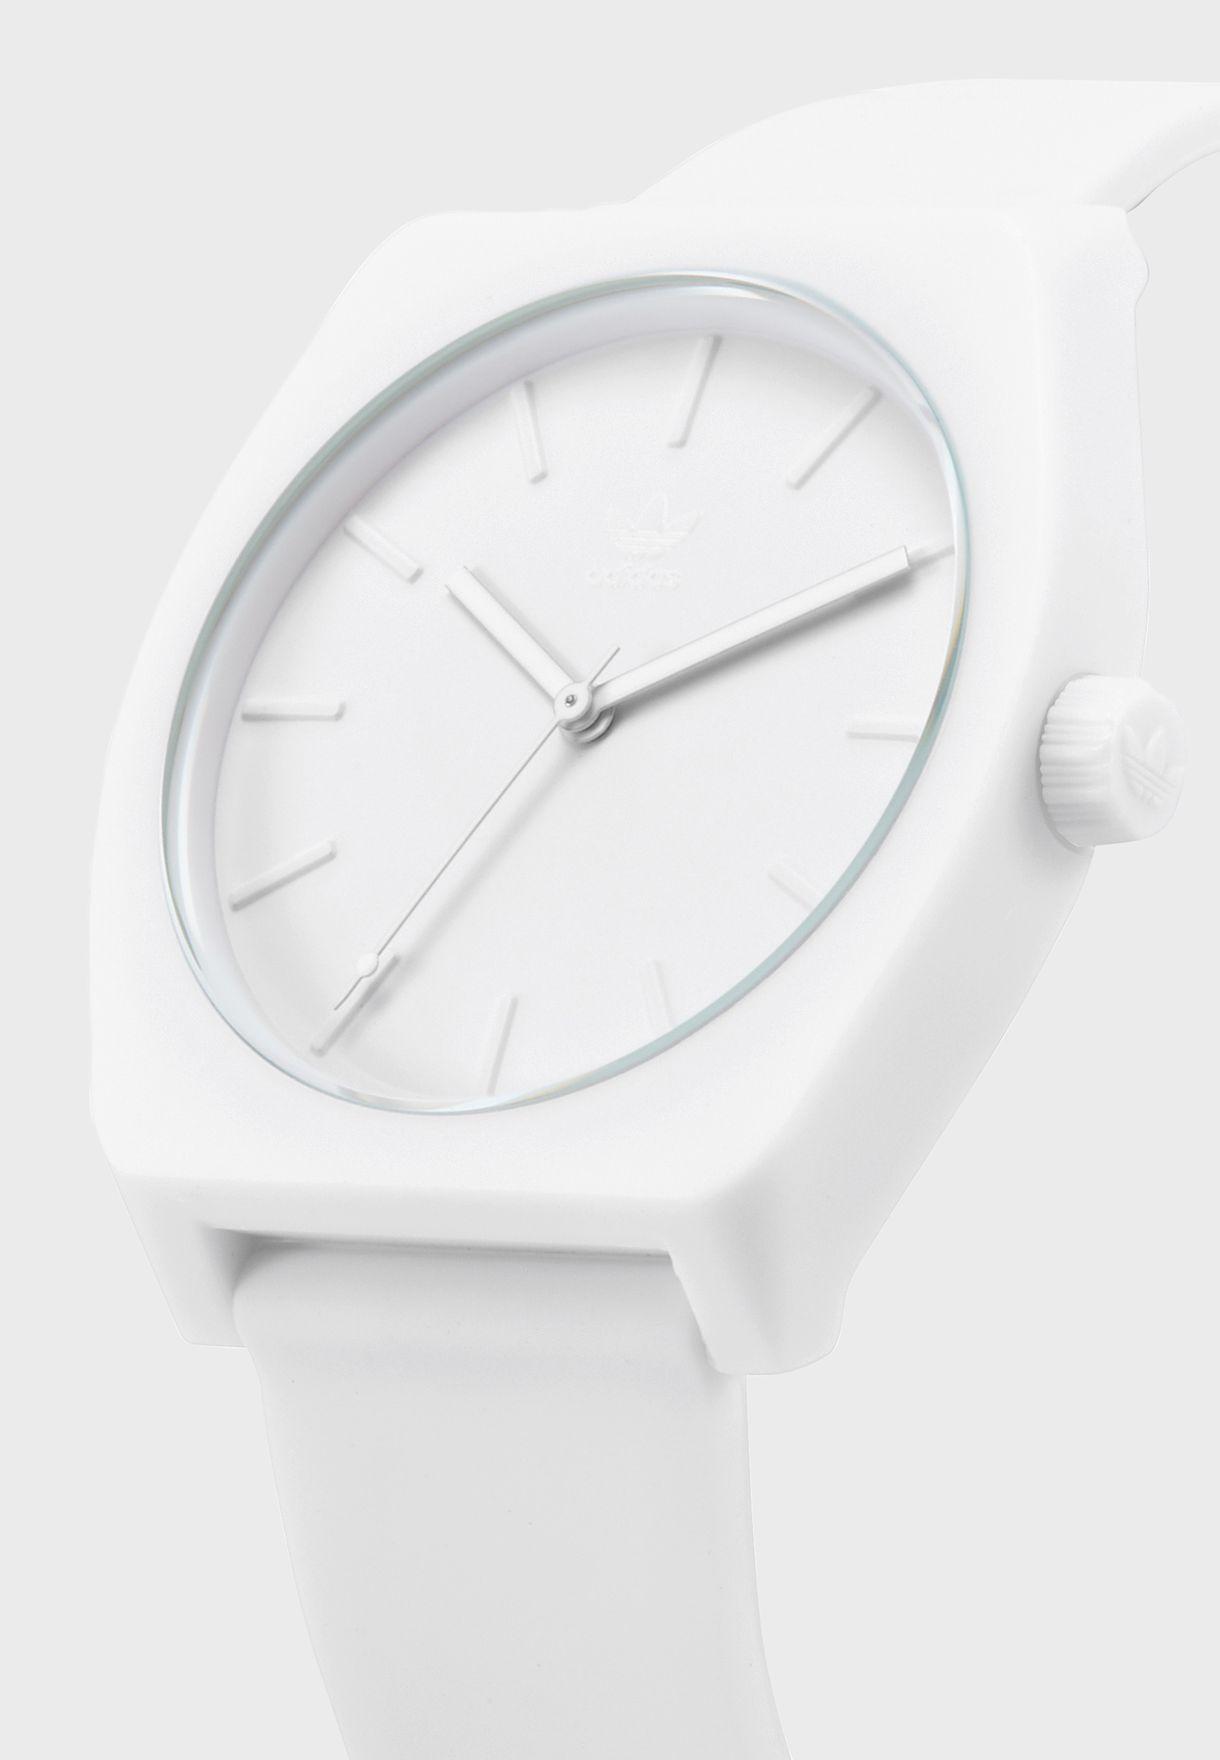 ساعة دائرية بحركة عقارب ثلاثية